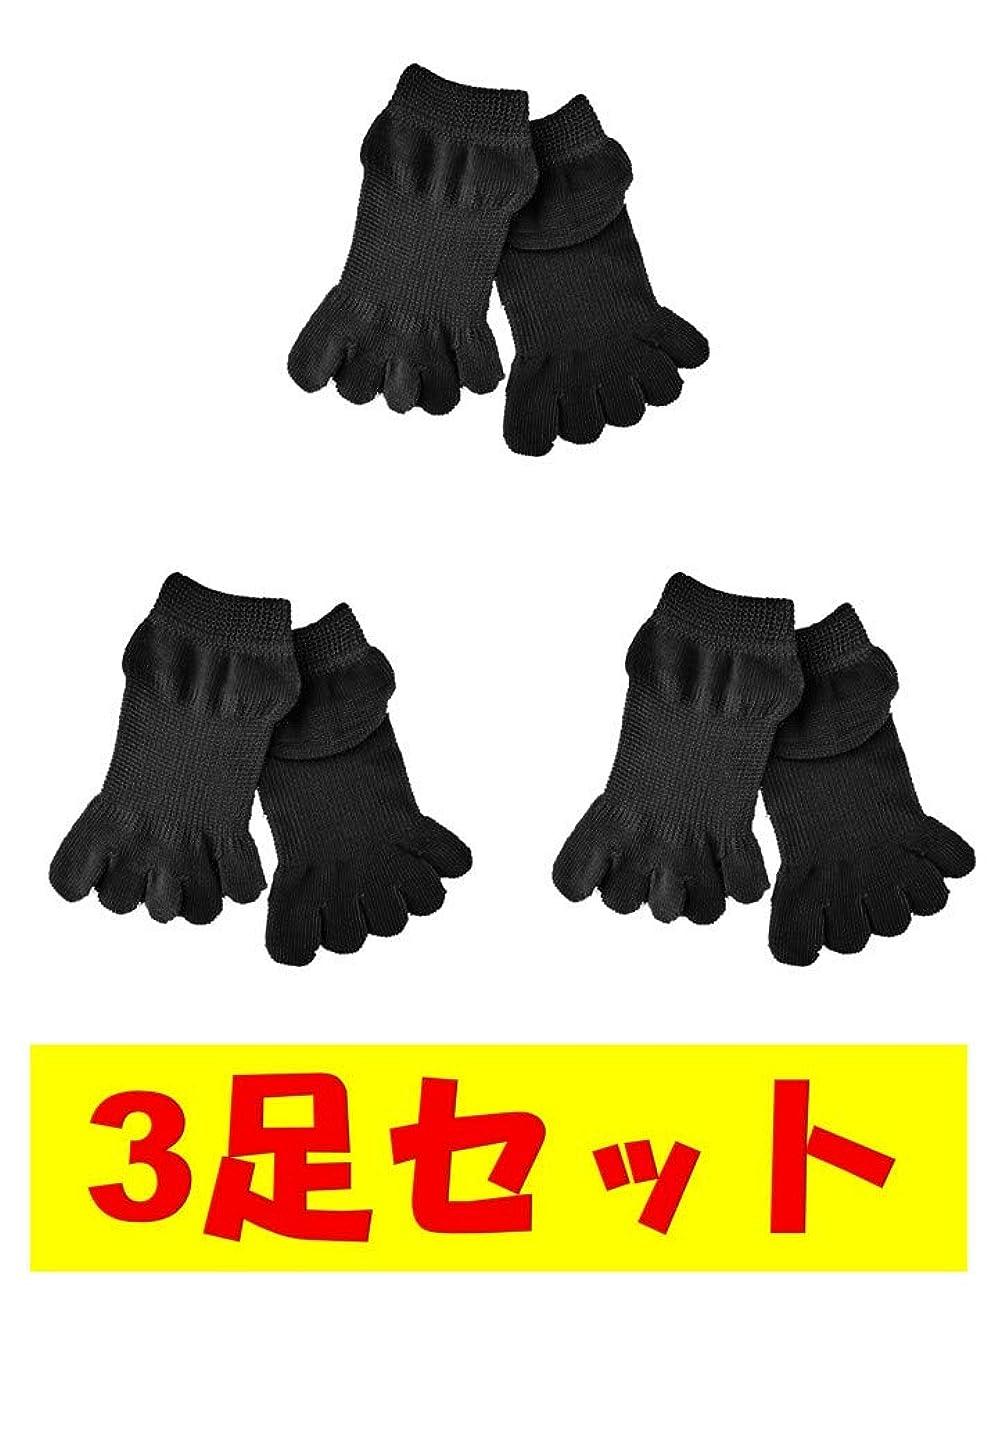 会う小さな評価お買い得3足セット 5本指 ゆびのばソックス ゆびのば アンクル ブラック Sサイズ 21.0cm-24.0cm YSANKL-BLK